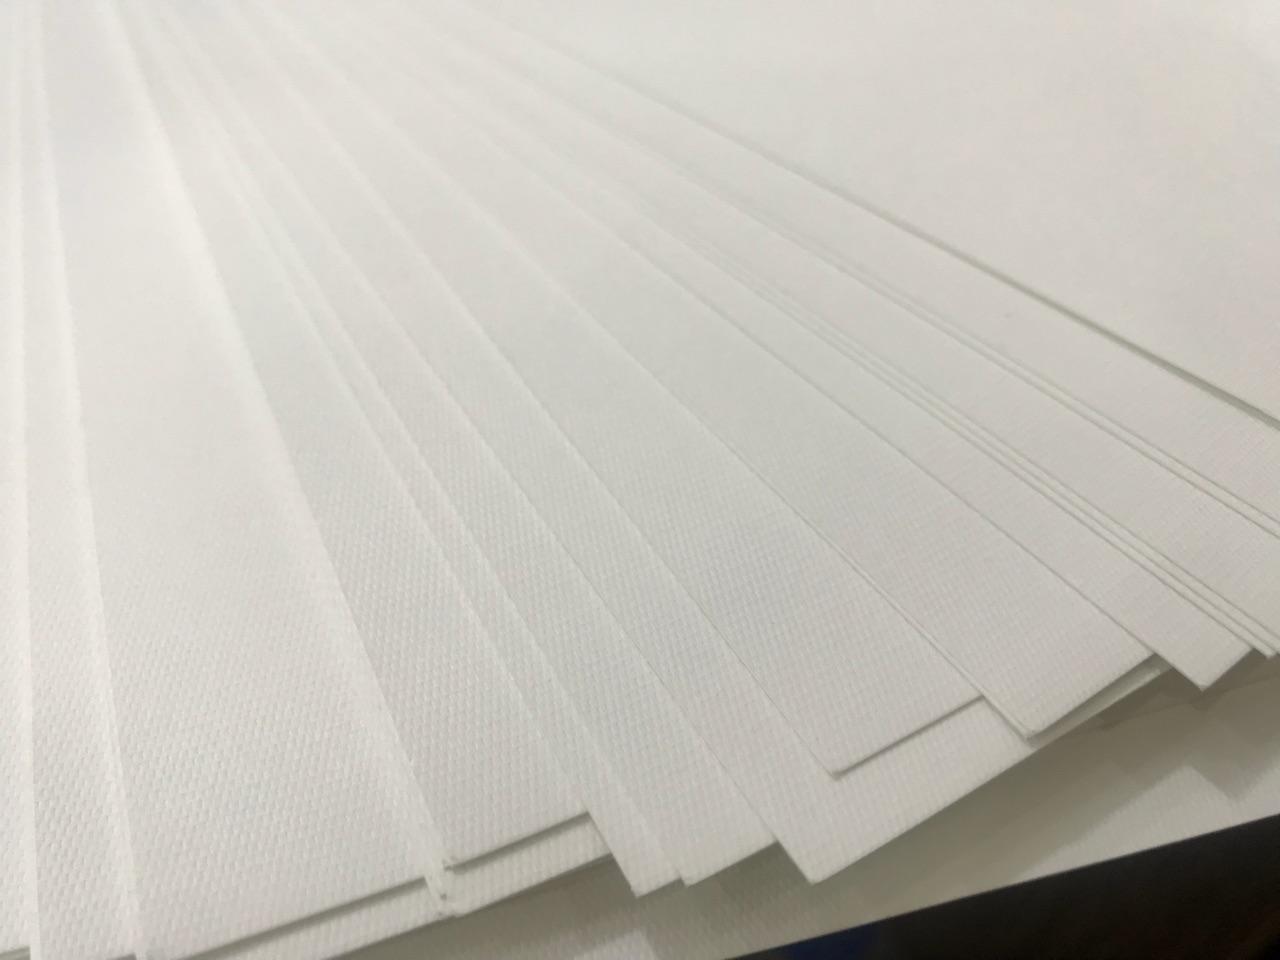 Loại giấy mỹ thuật dùng trong in ấn tờ rơi được xem là những loại cao cấp nhất và có giá thành cao nhất, không phù hợp nếu bạn muốn tiết kiệm chi phí in.